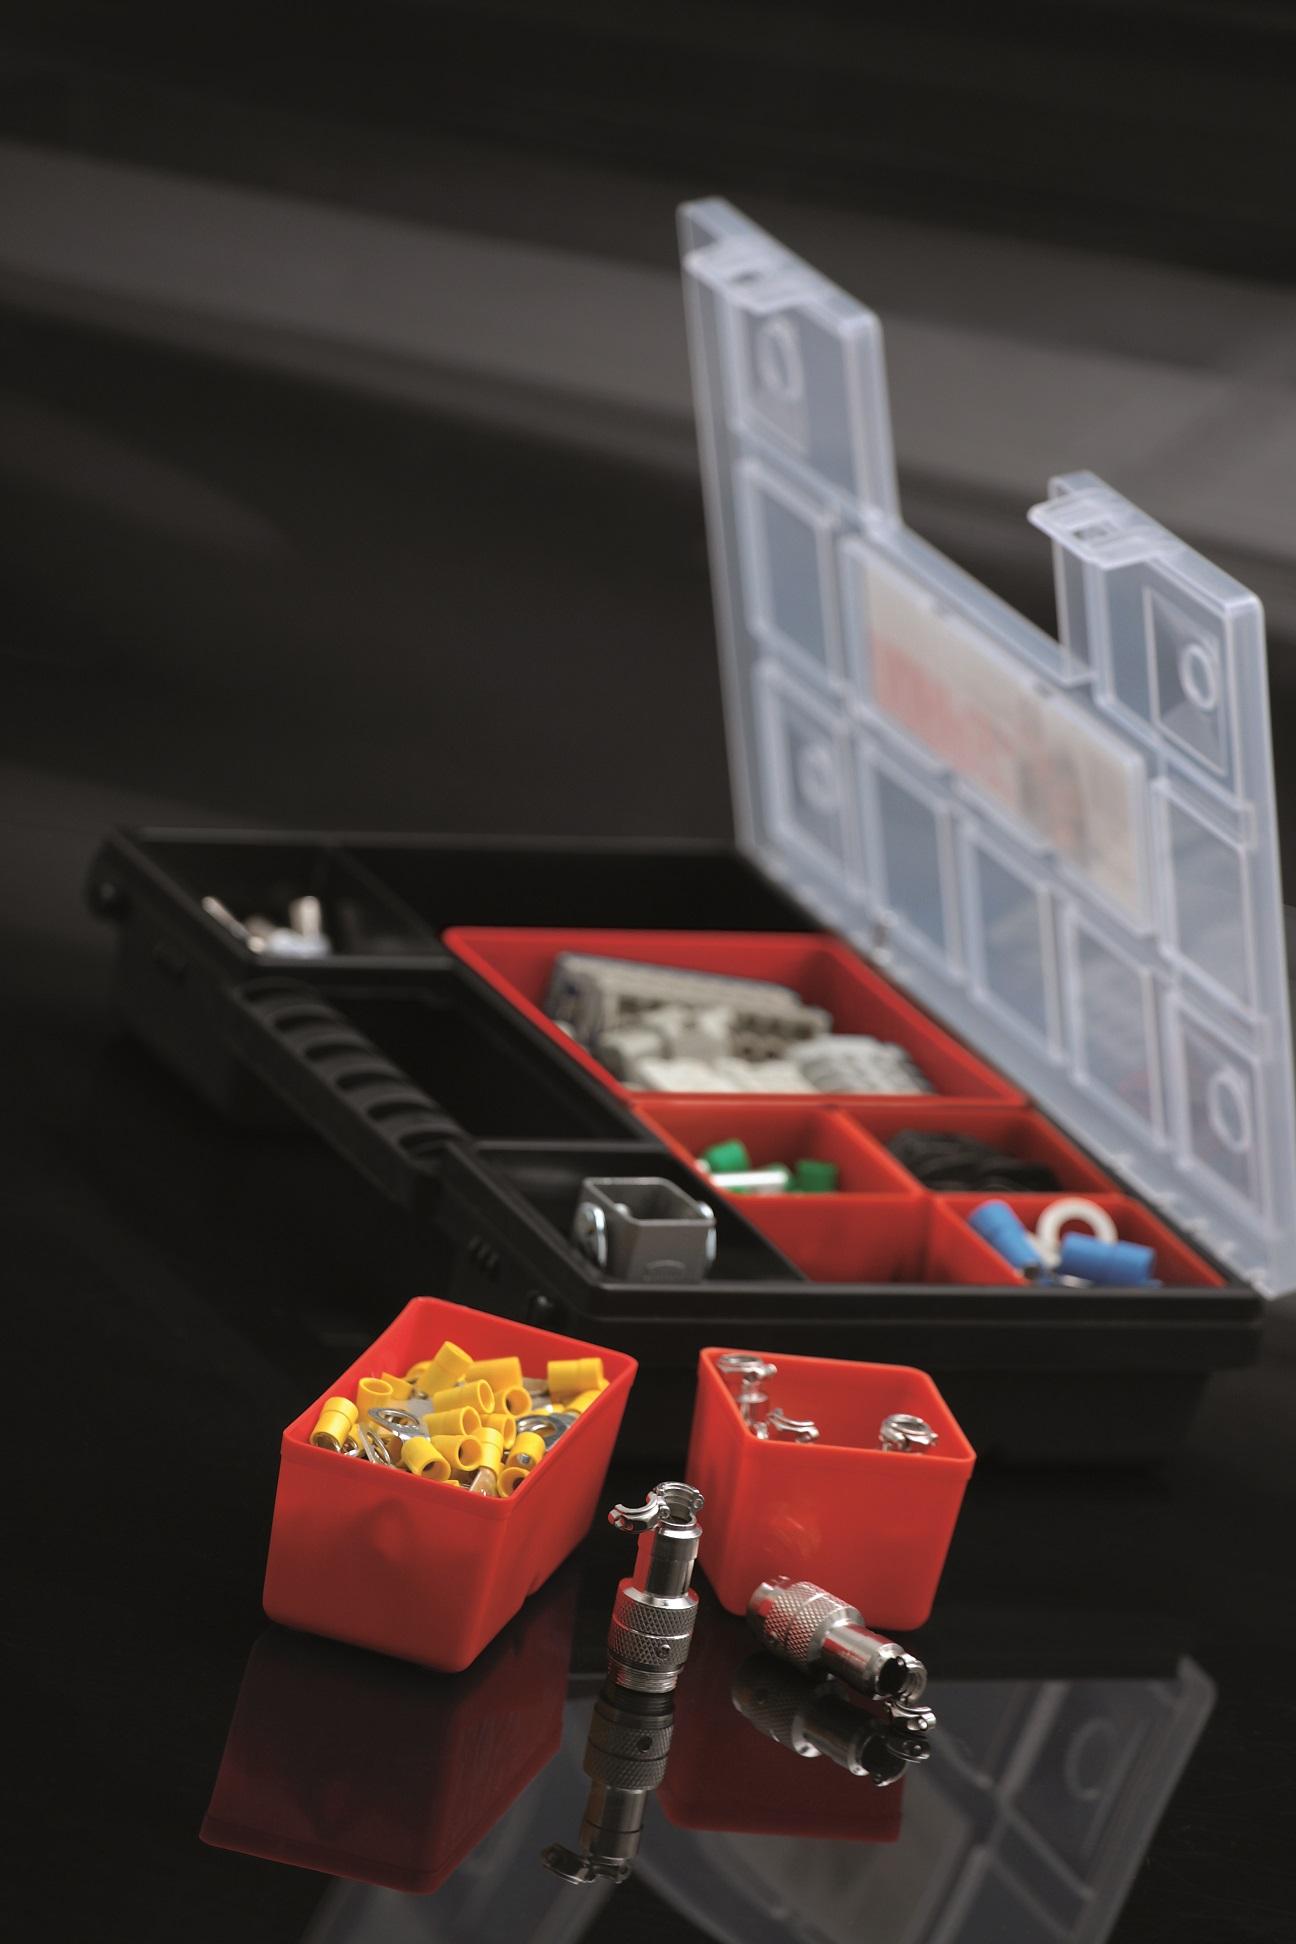 Sortimentsboxen Sortimentskasten Sichtkasten Sortierkasten NOR S12-5er Set